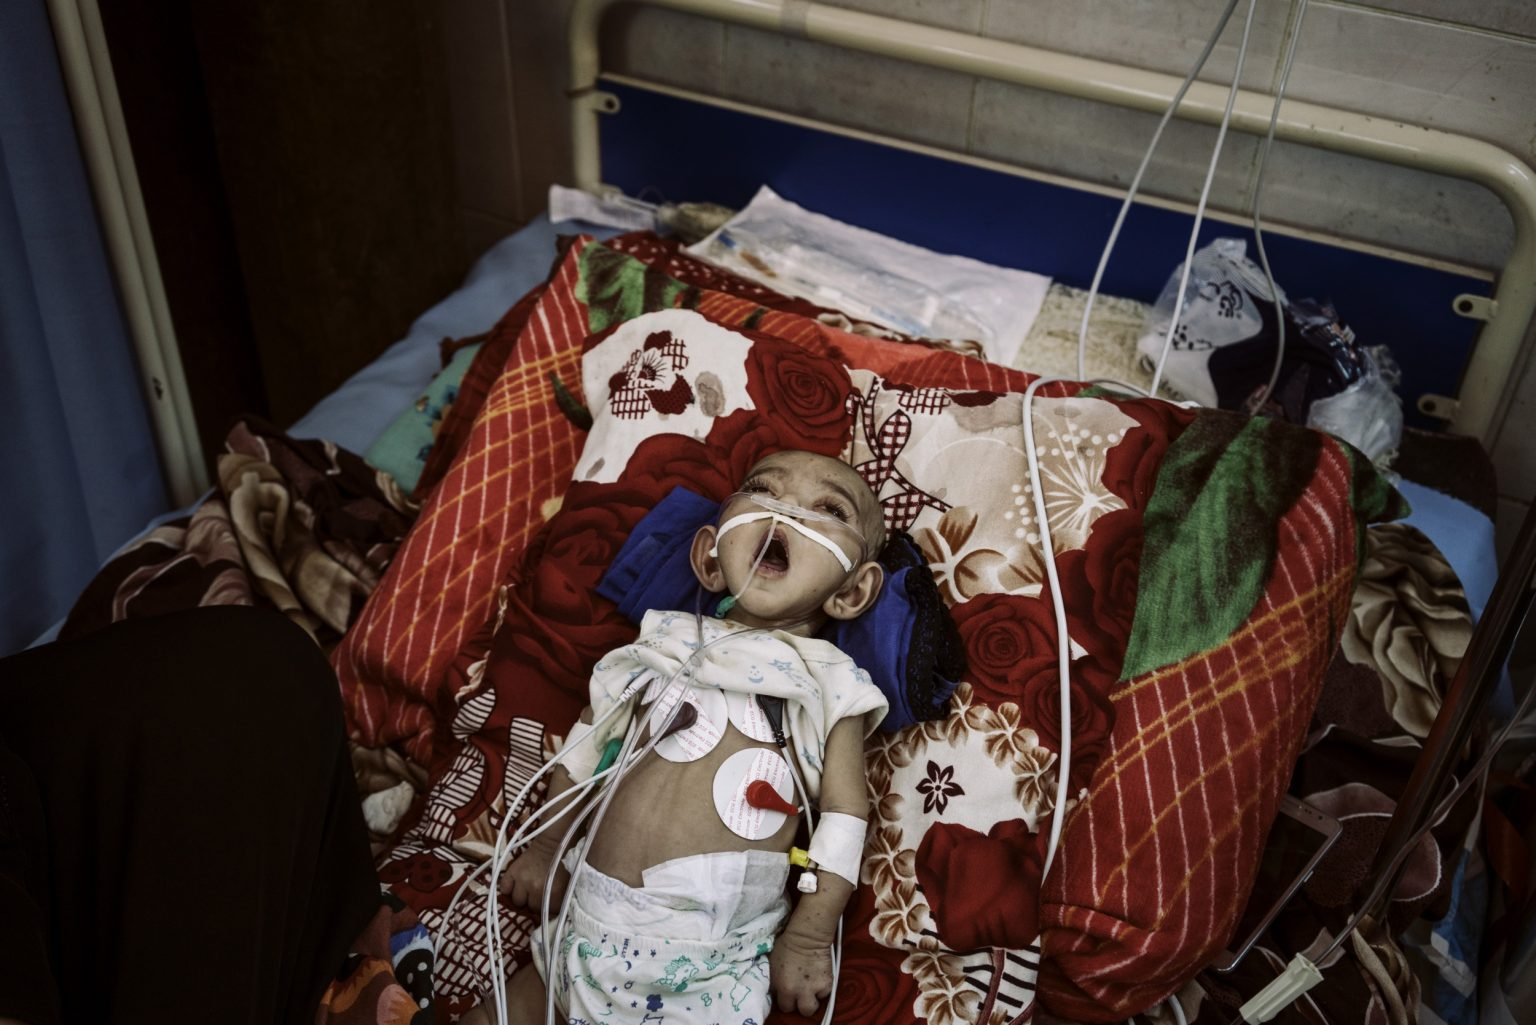 *** SPECIAL   FEE   APPLIES ***Aden (Yemen), May 2018 - Taif Fares gasps for air in the Intensive Care Unit of  the al-Sadaqa Hospital. She was born with a heart disorder requiring constant care. There are no doctors in the hospital and availability of oxygen and medicines has been discontinuous. Taif died few days after this photo was taken.  A violent confrontation between a member of the militia that control al-Sadaqa hospital and a doctor on May 14th led to a strike of all the doctors in the hospital. They demand the militia to leave the hospital. The strike created a dangerous situation for many of the patients. Children in the Intensive Care Unit and in the malnutrition wards couldn't see a doctor for days. ><  Aden (Yemen), Maggio 2018 - Taif Fares boccheggia in cerca d'aria nell'unità di terapia intensiva dell'ospedale al-Sadaqa. È nata con un disturbo cardiaco che richiede cure costanti. Non ci sono medici nell'ospedale e la disponibilità di ossigeno e medicinali è stata discontinua. Taif morì pochi giorni dopo che questa foto fu scattata. Un violento scontro tra un membro della milizia che controllava l'ospedale di al-Sadaqa e un medico il 14 maggio ha portato allo sciopero di tutti i medici dell'ospedale , i quali chiedono alla milizia di lasciare l'ospedale. Lo sciopero ha creato una situazione pericolosa per molti dei pazienti. I bambini nell'unità di terapia intensiva e nei reparti di malnutrizione non hanno potuto vedere un medico per giorni.